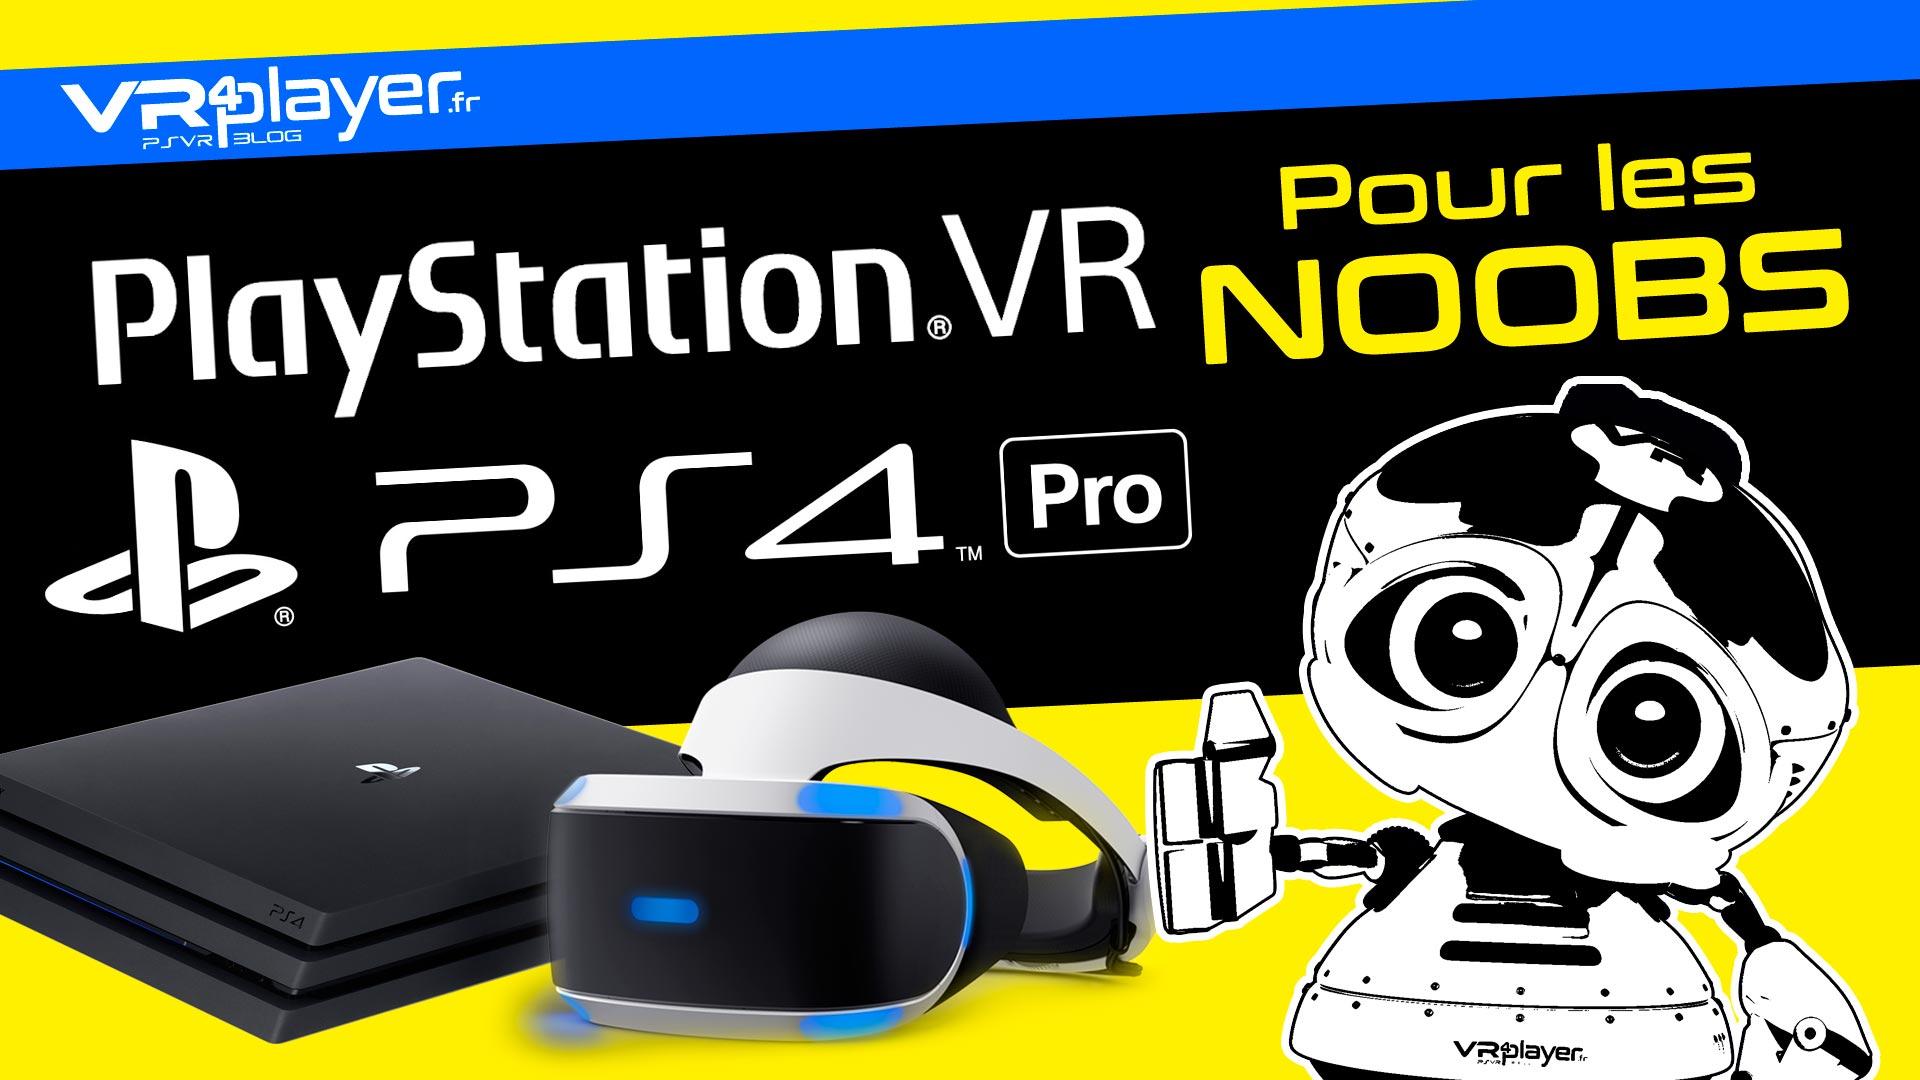 PlayStation VR, PS4 Pro, VR, tout savoir pour les noobs VR4player